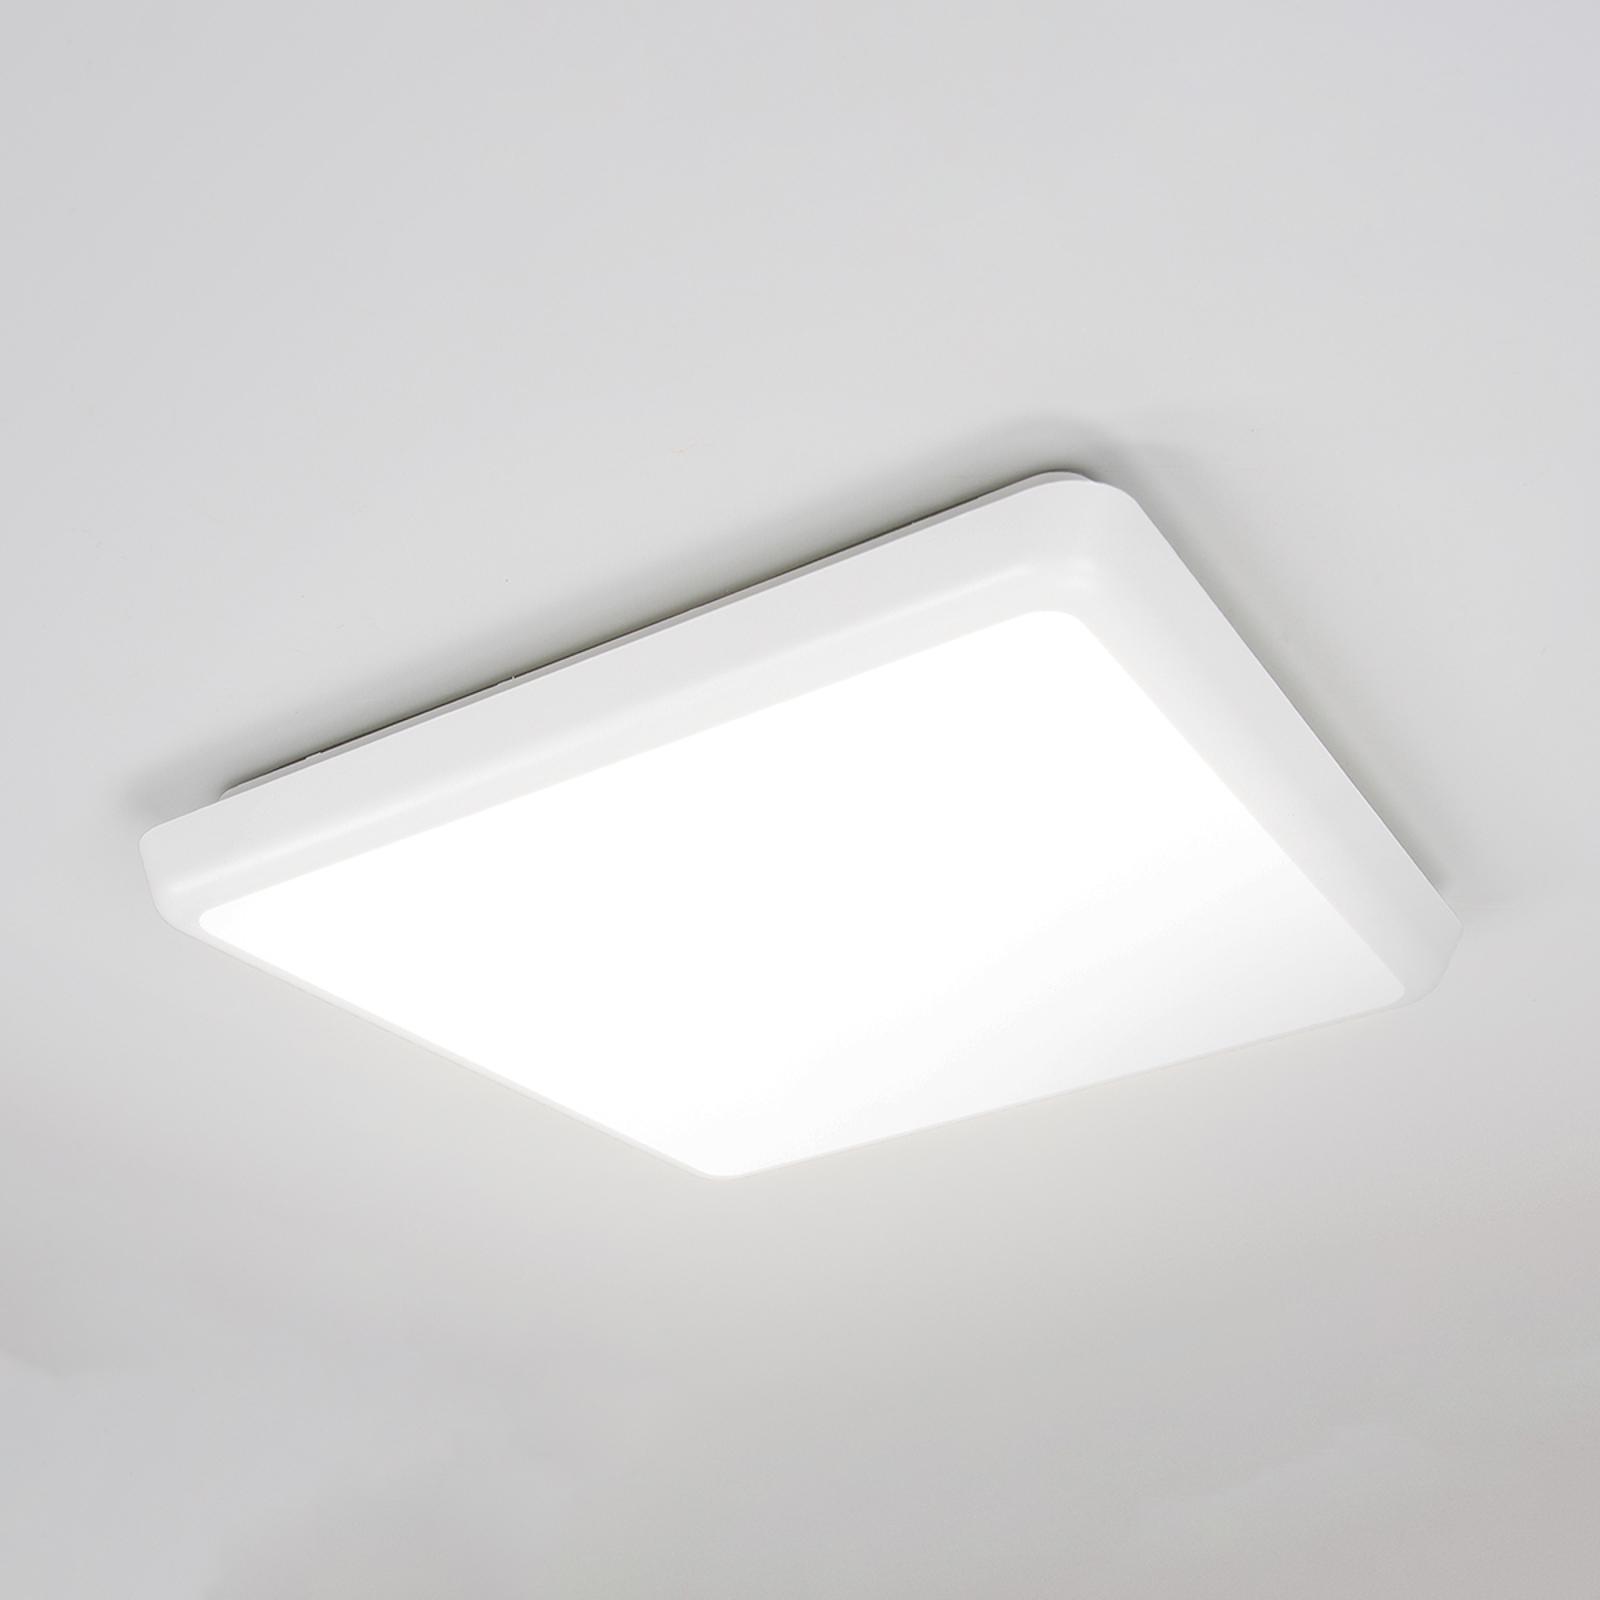 Pelkistetty kattovalaisin Augustin, LED, IP54